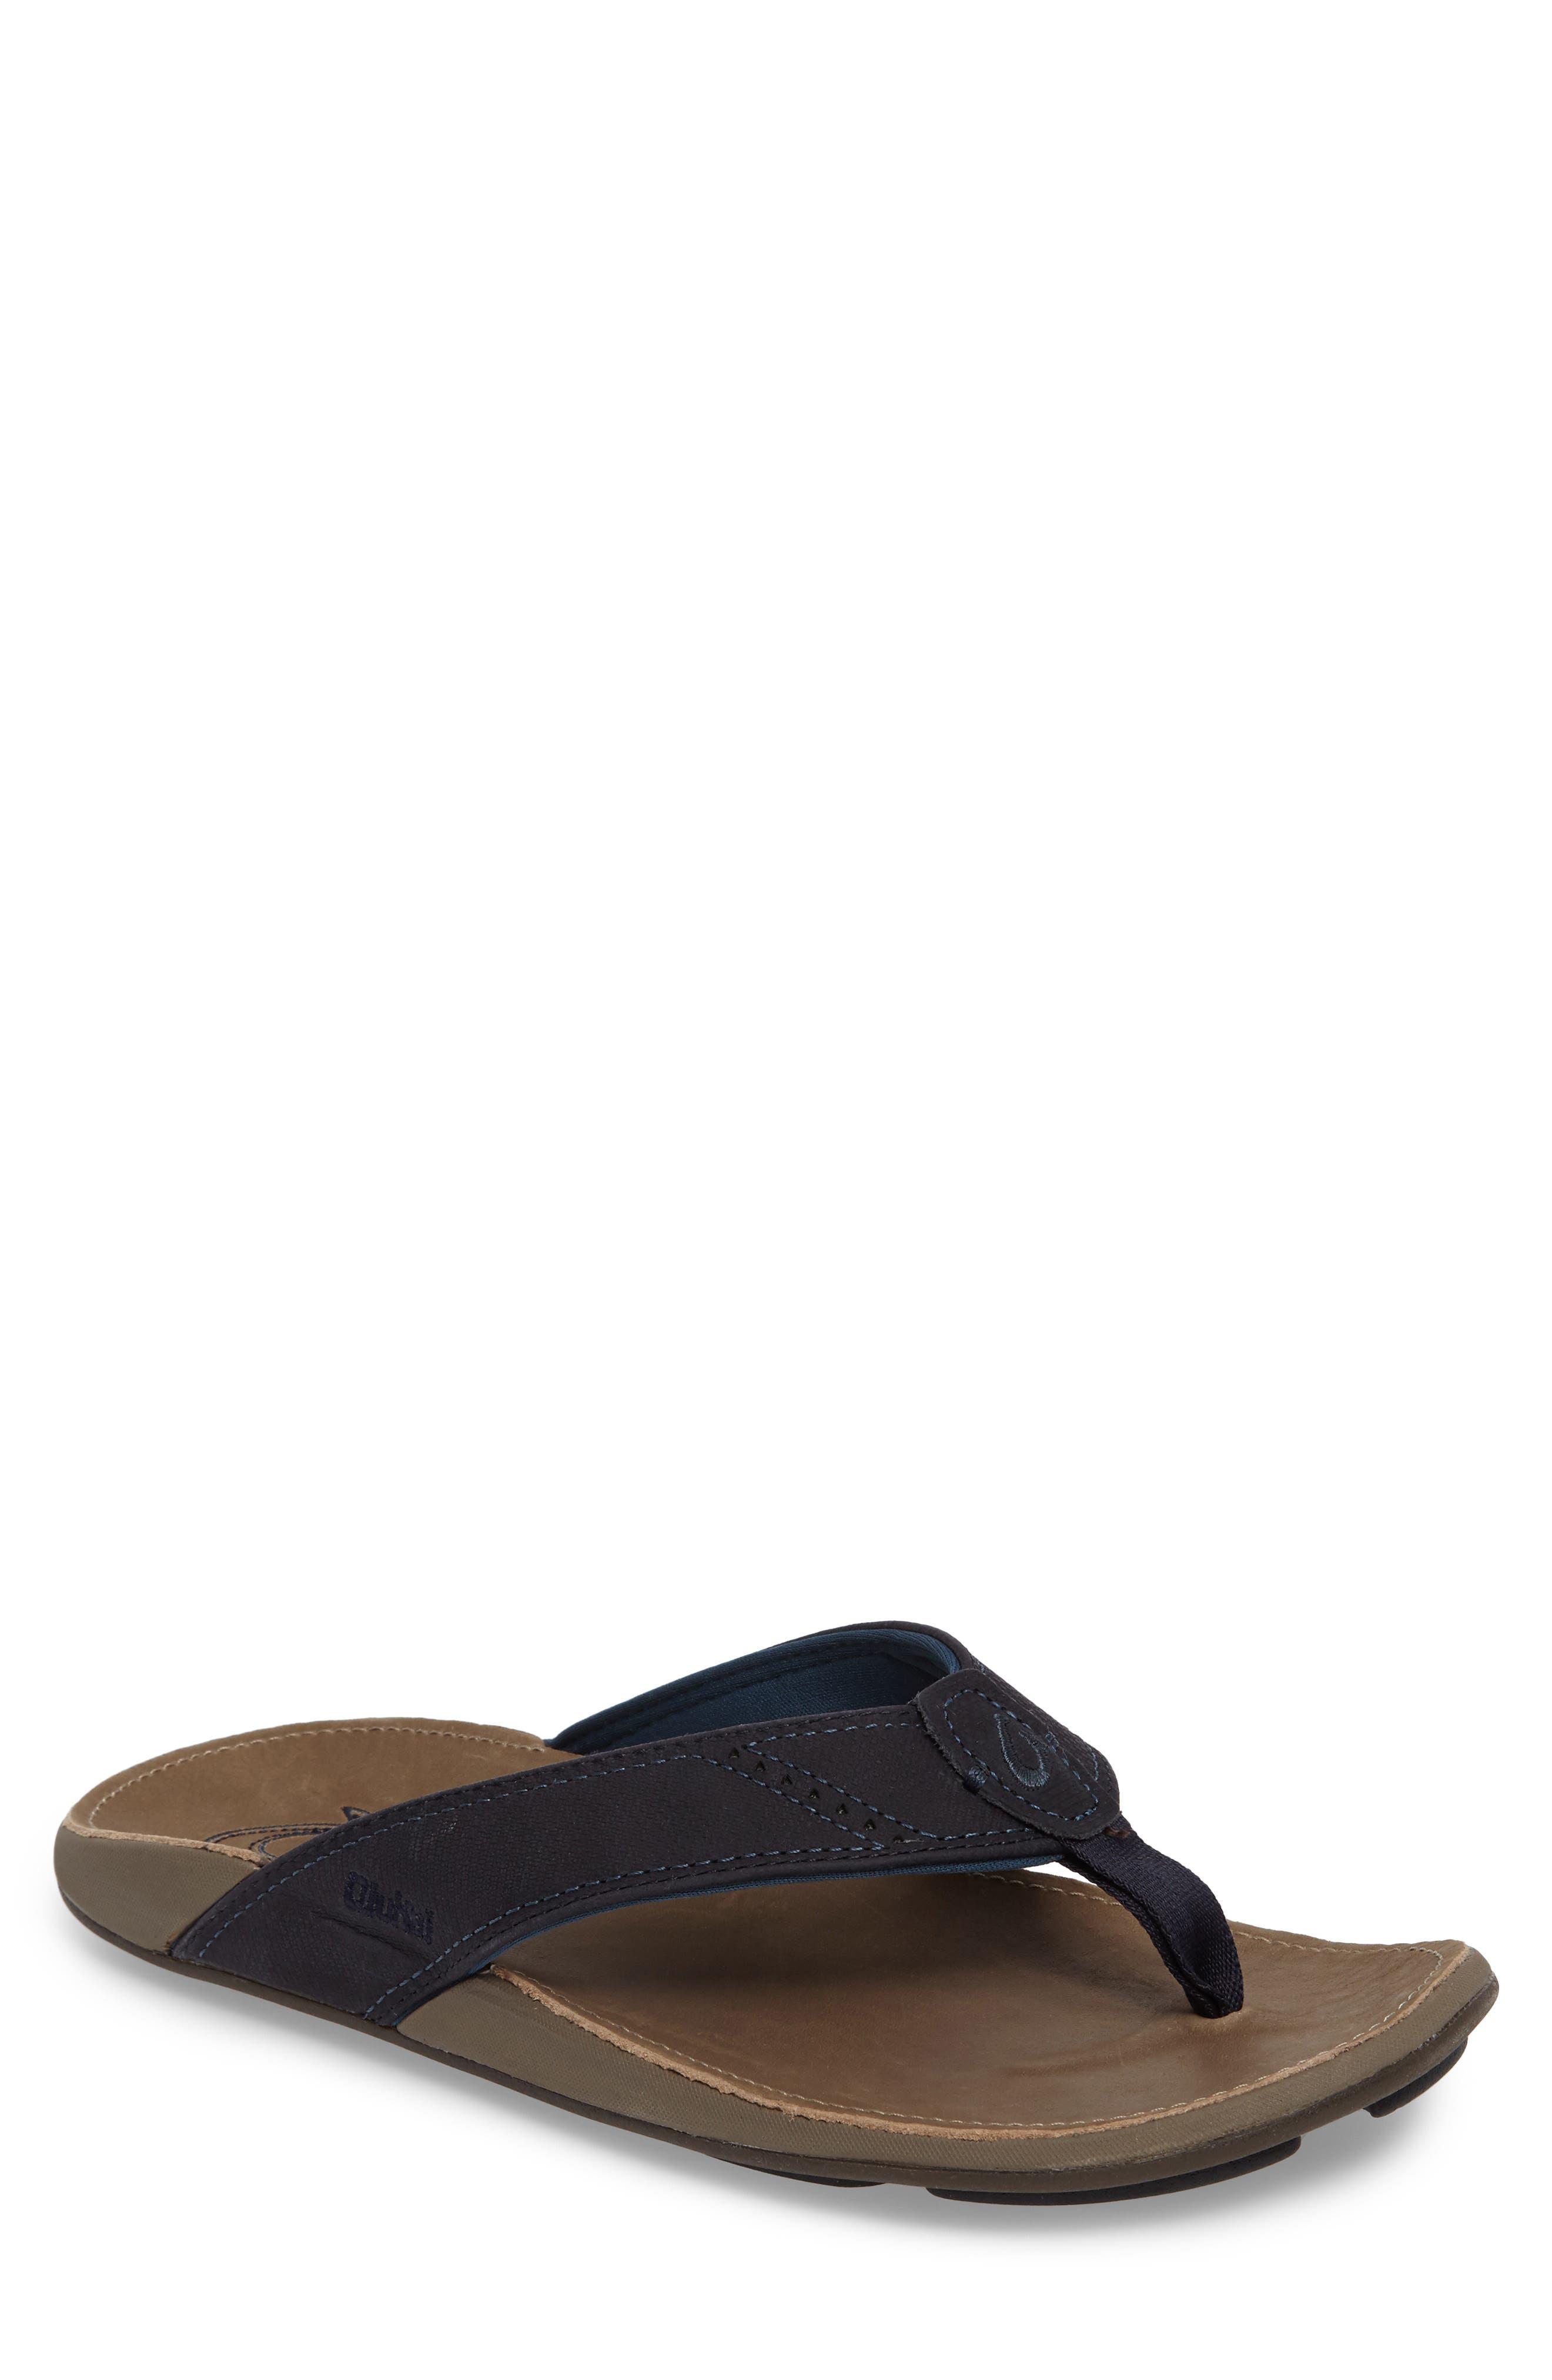 Alternate Image 1 Selected - OluKai 'Nui' Leather Flip Flop (Men)